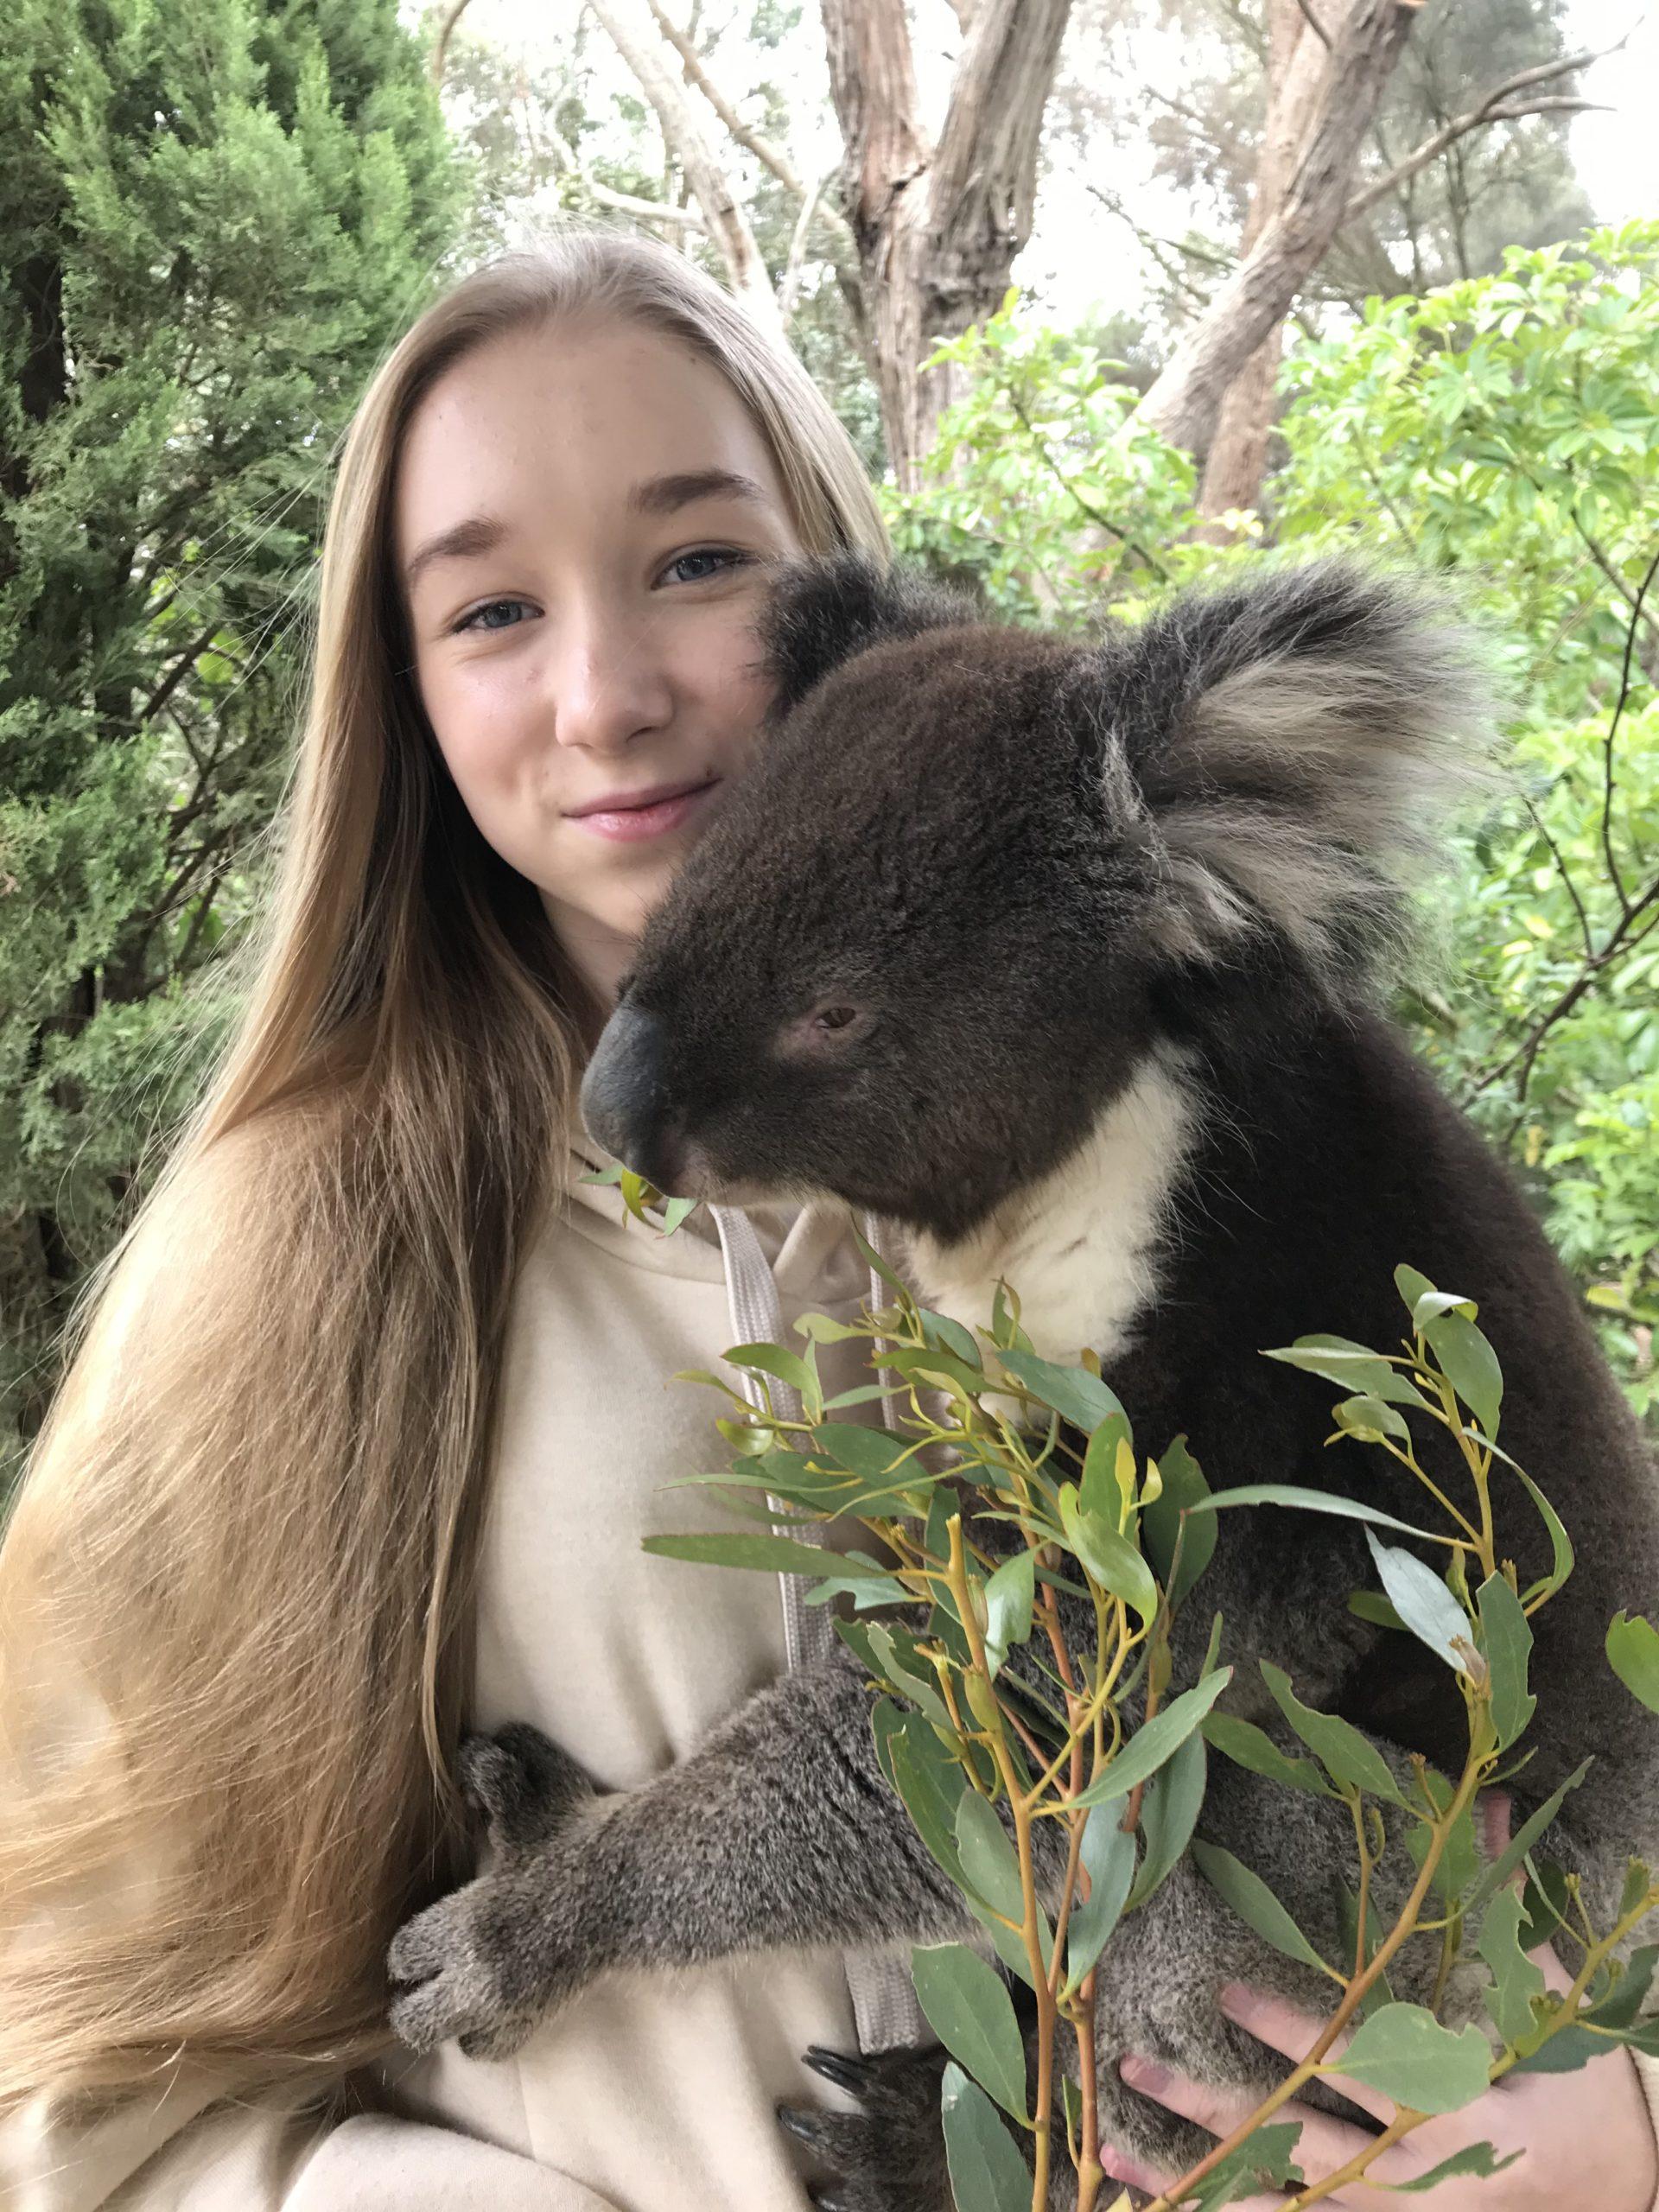 Nela Mała Reporterka w szpitalu dla zwierząt, Wyspa Kangura, Australia, 25.02.2020, fot. archiwum prywatne